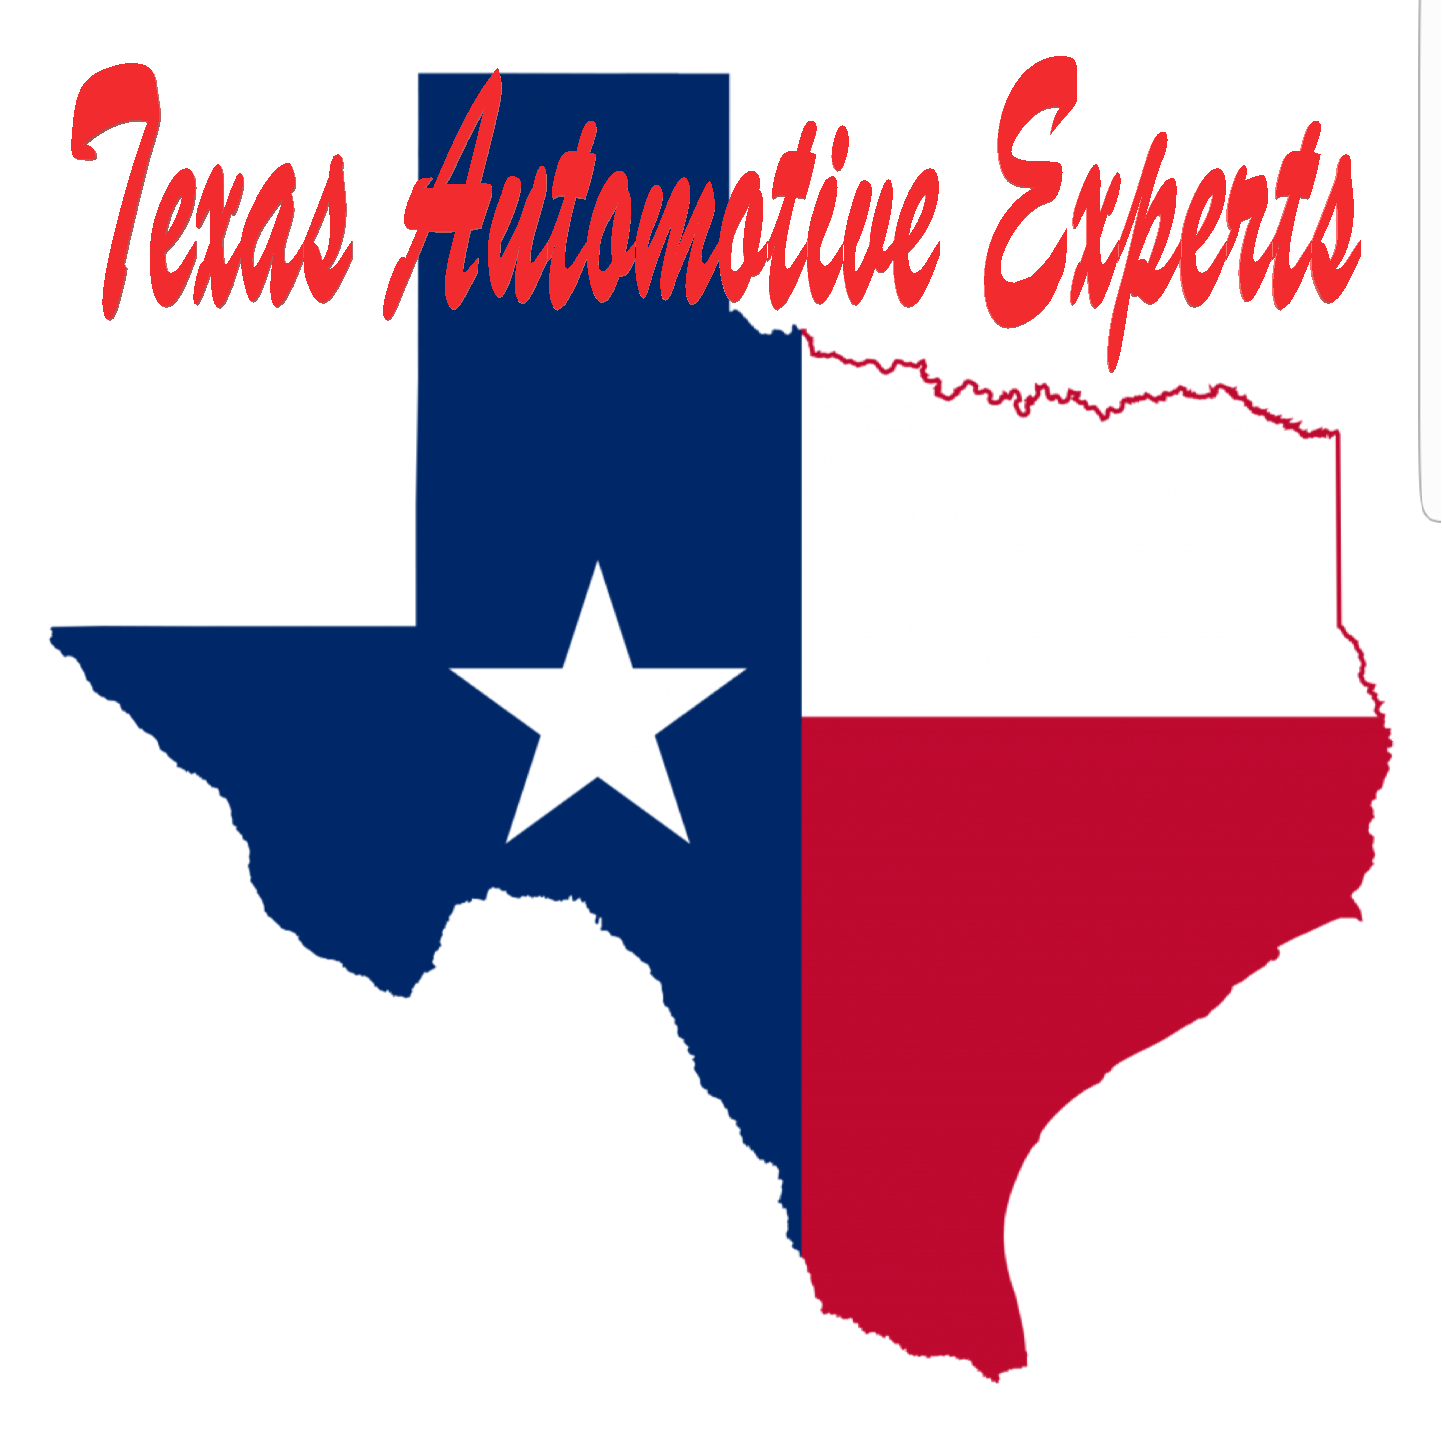 Texas Automotive Experts